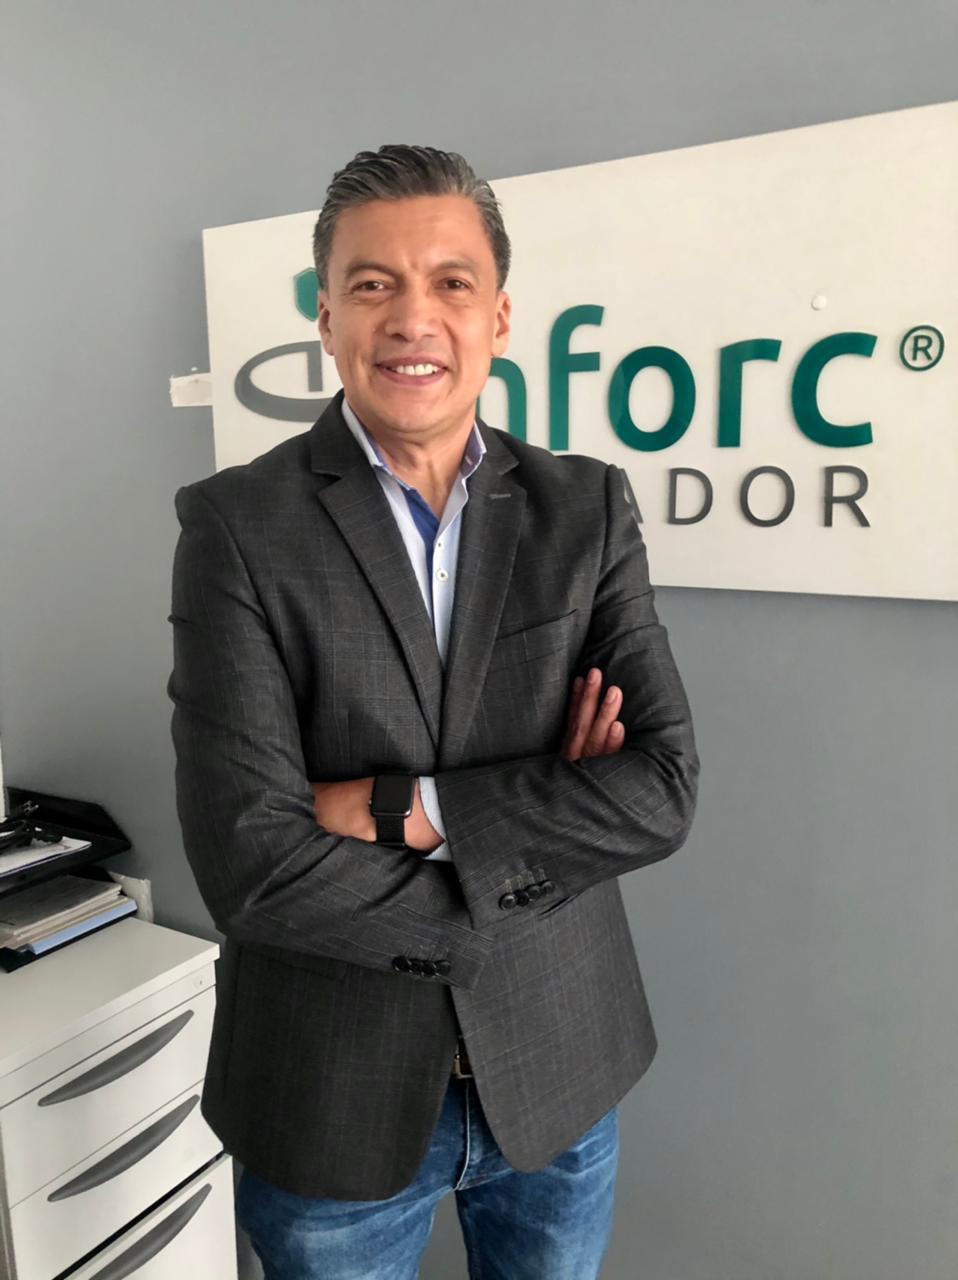 Carlos Jumbo - Inforc Ecuador